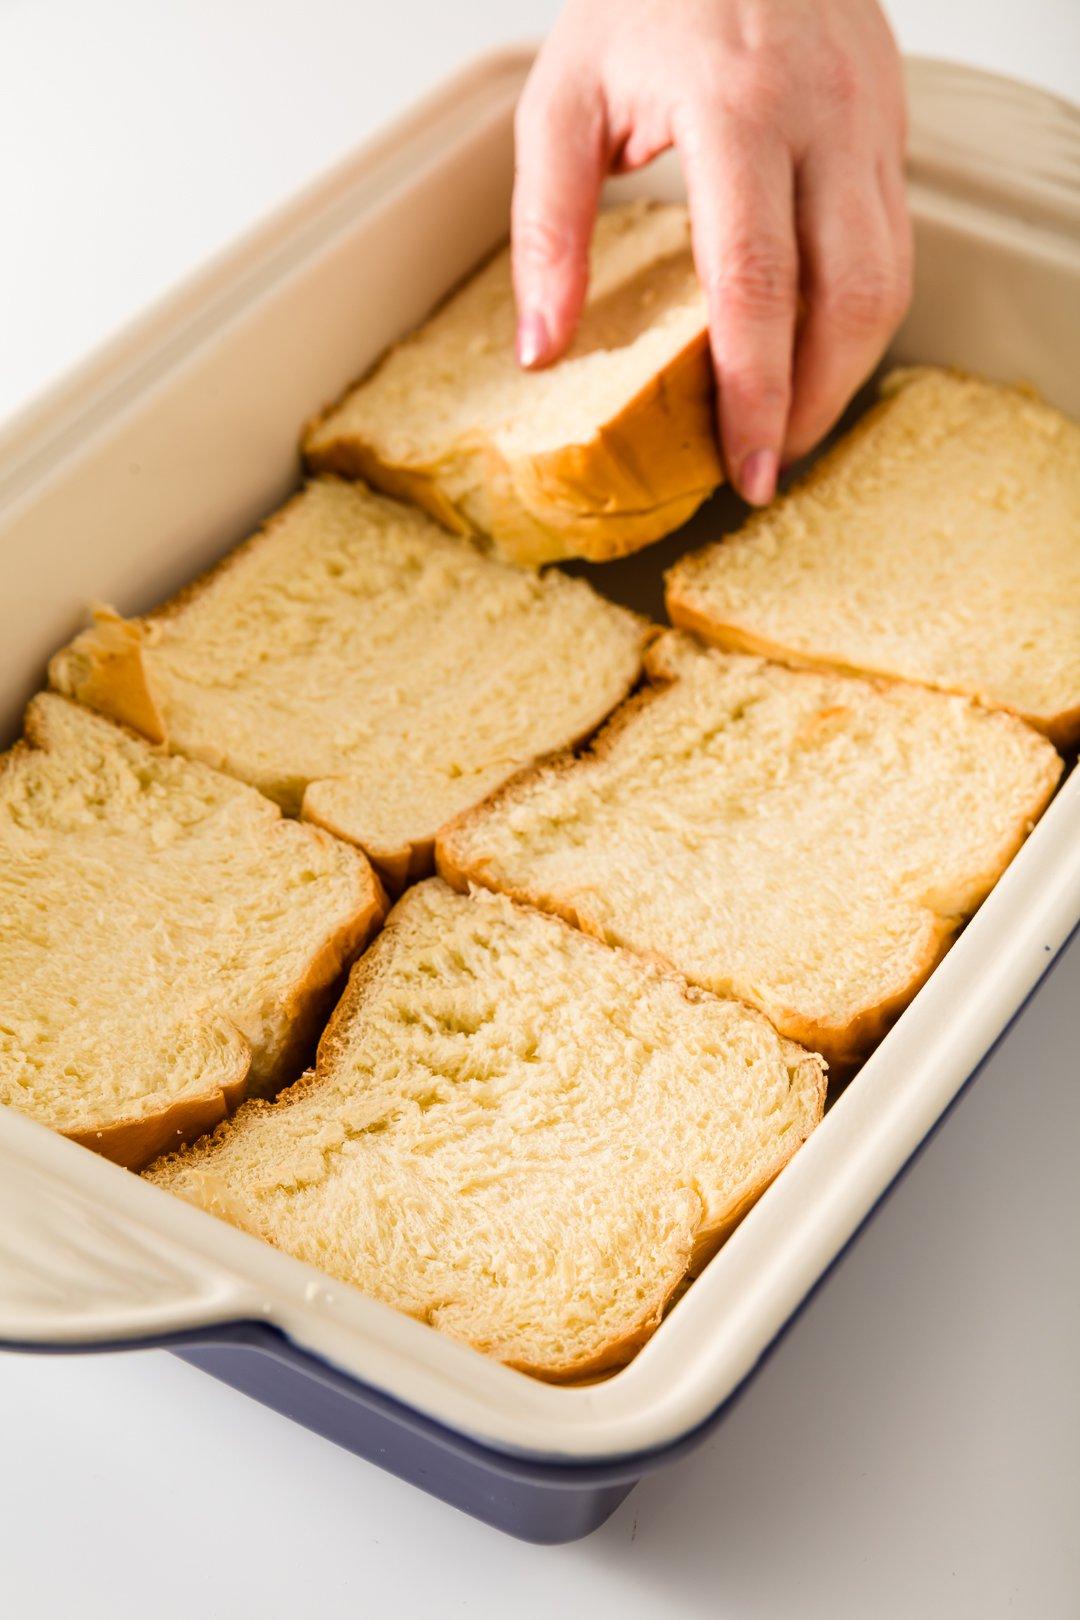 lining a casserole dish with brioche bread